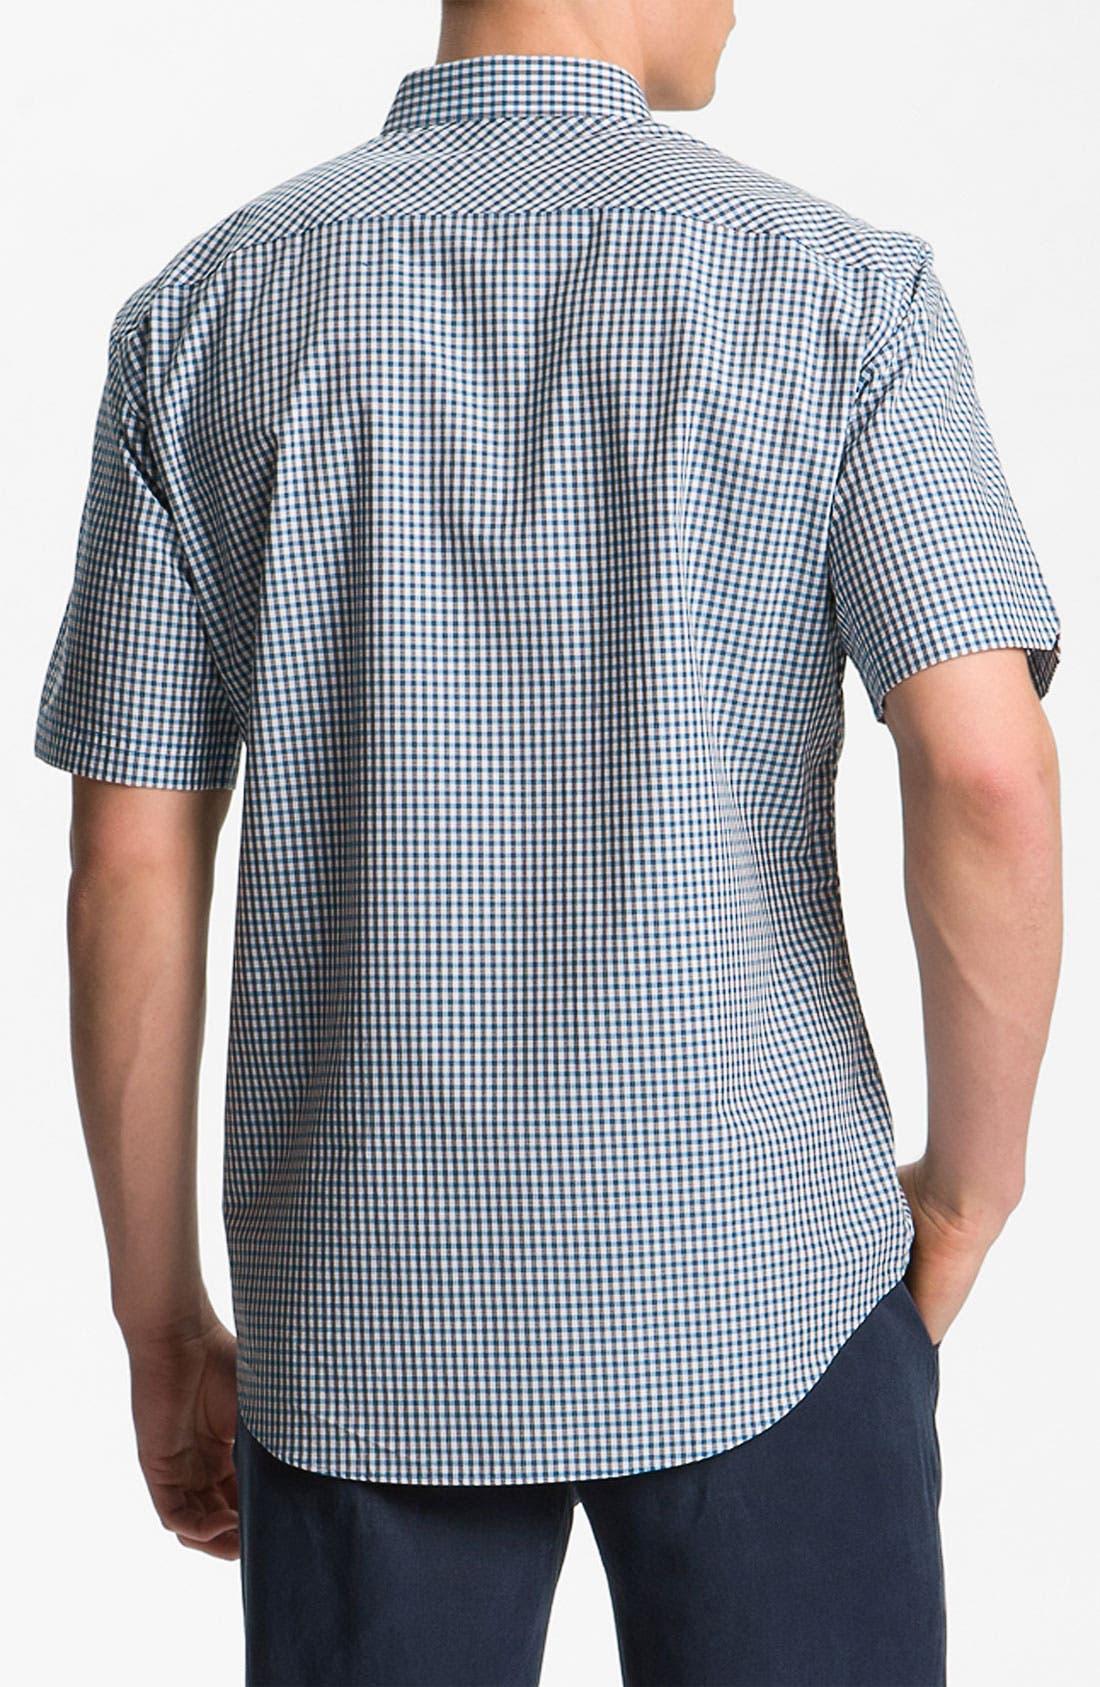 Alternate Image 3  - Zachary Prell 'Vasco' Sport Shirt